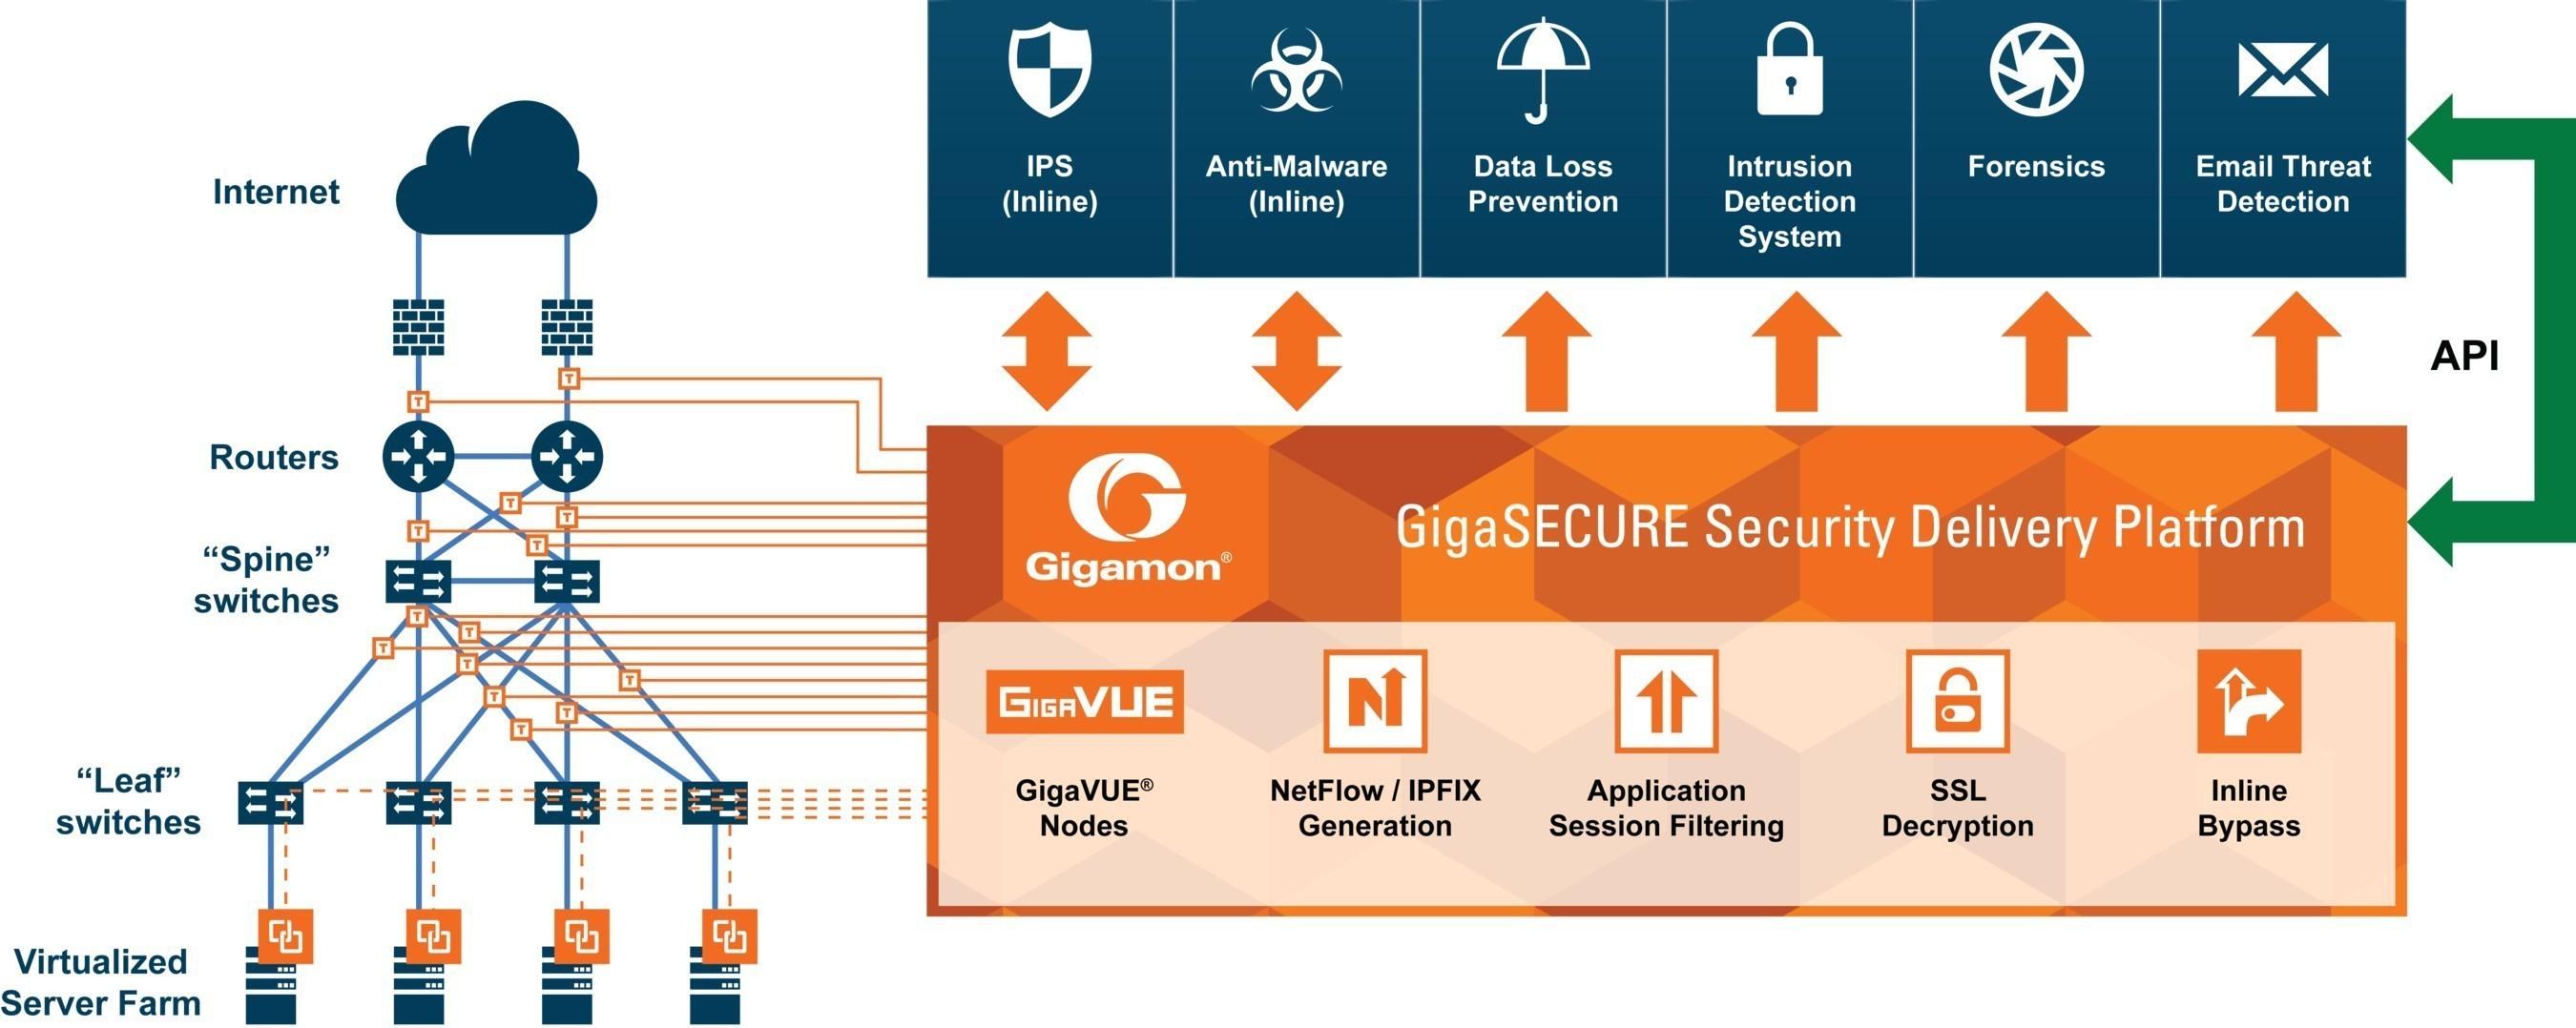 Gigamon GigaSECURE Security Delivery Platform